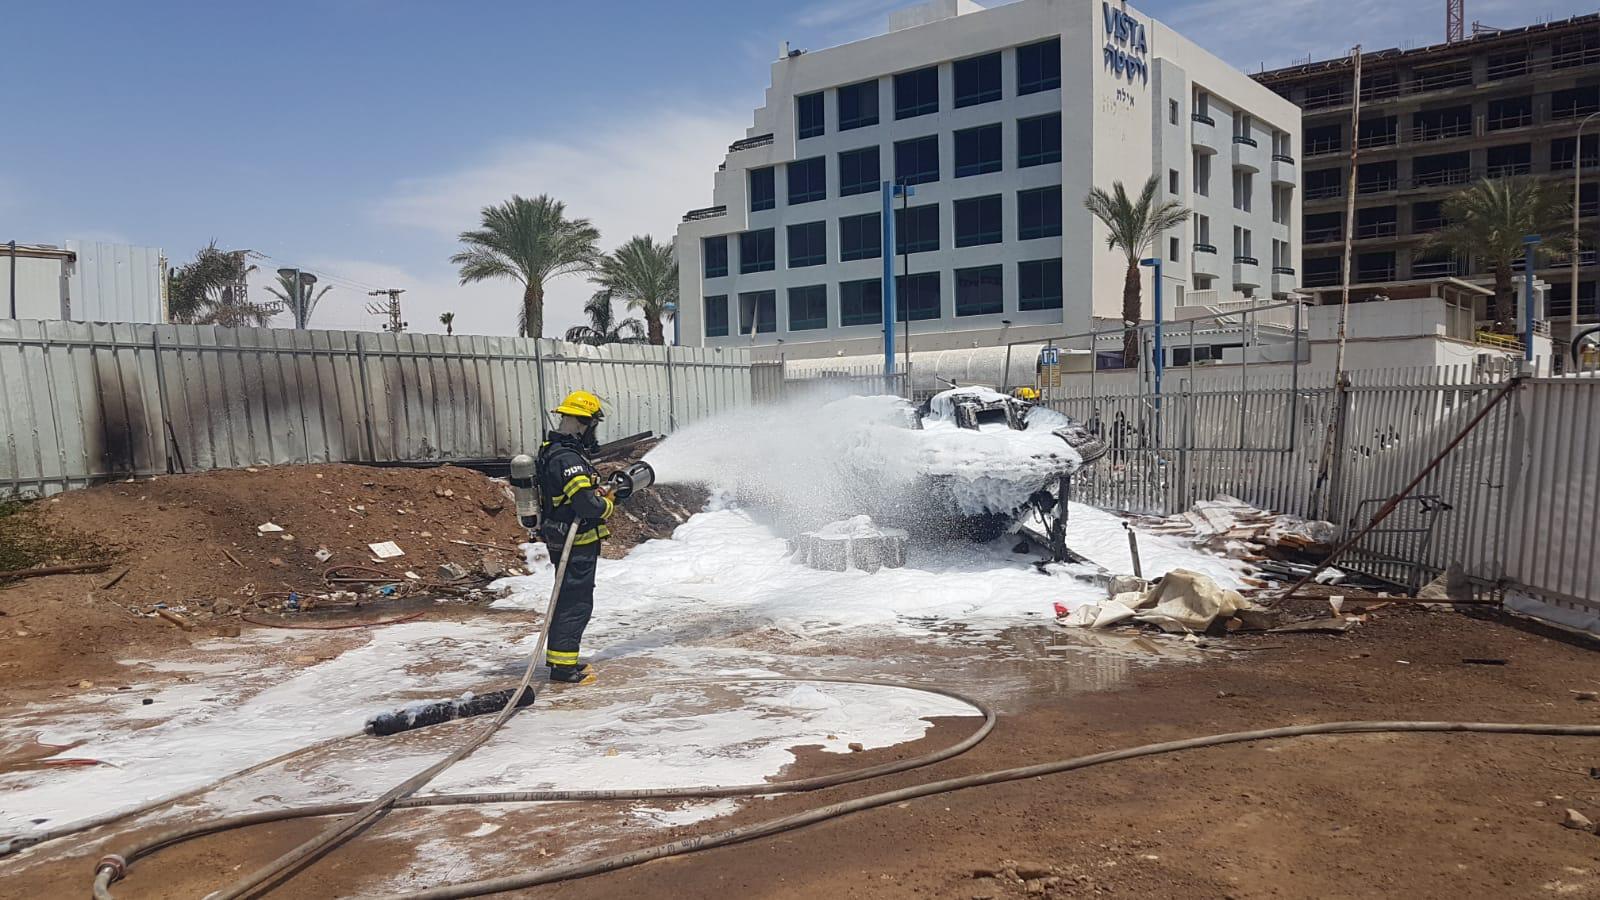 שריפה במלון אסטרל פאלמה באילת